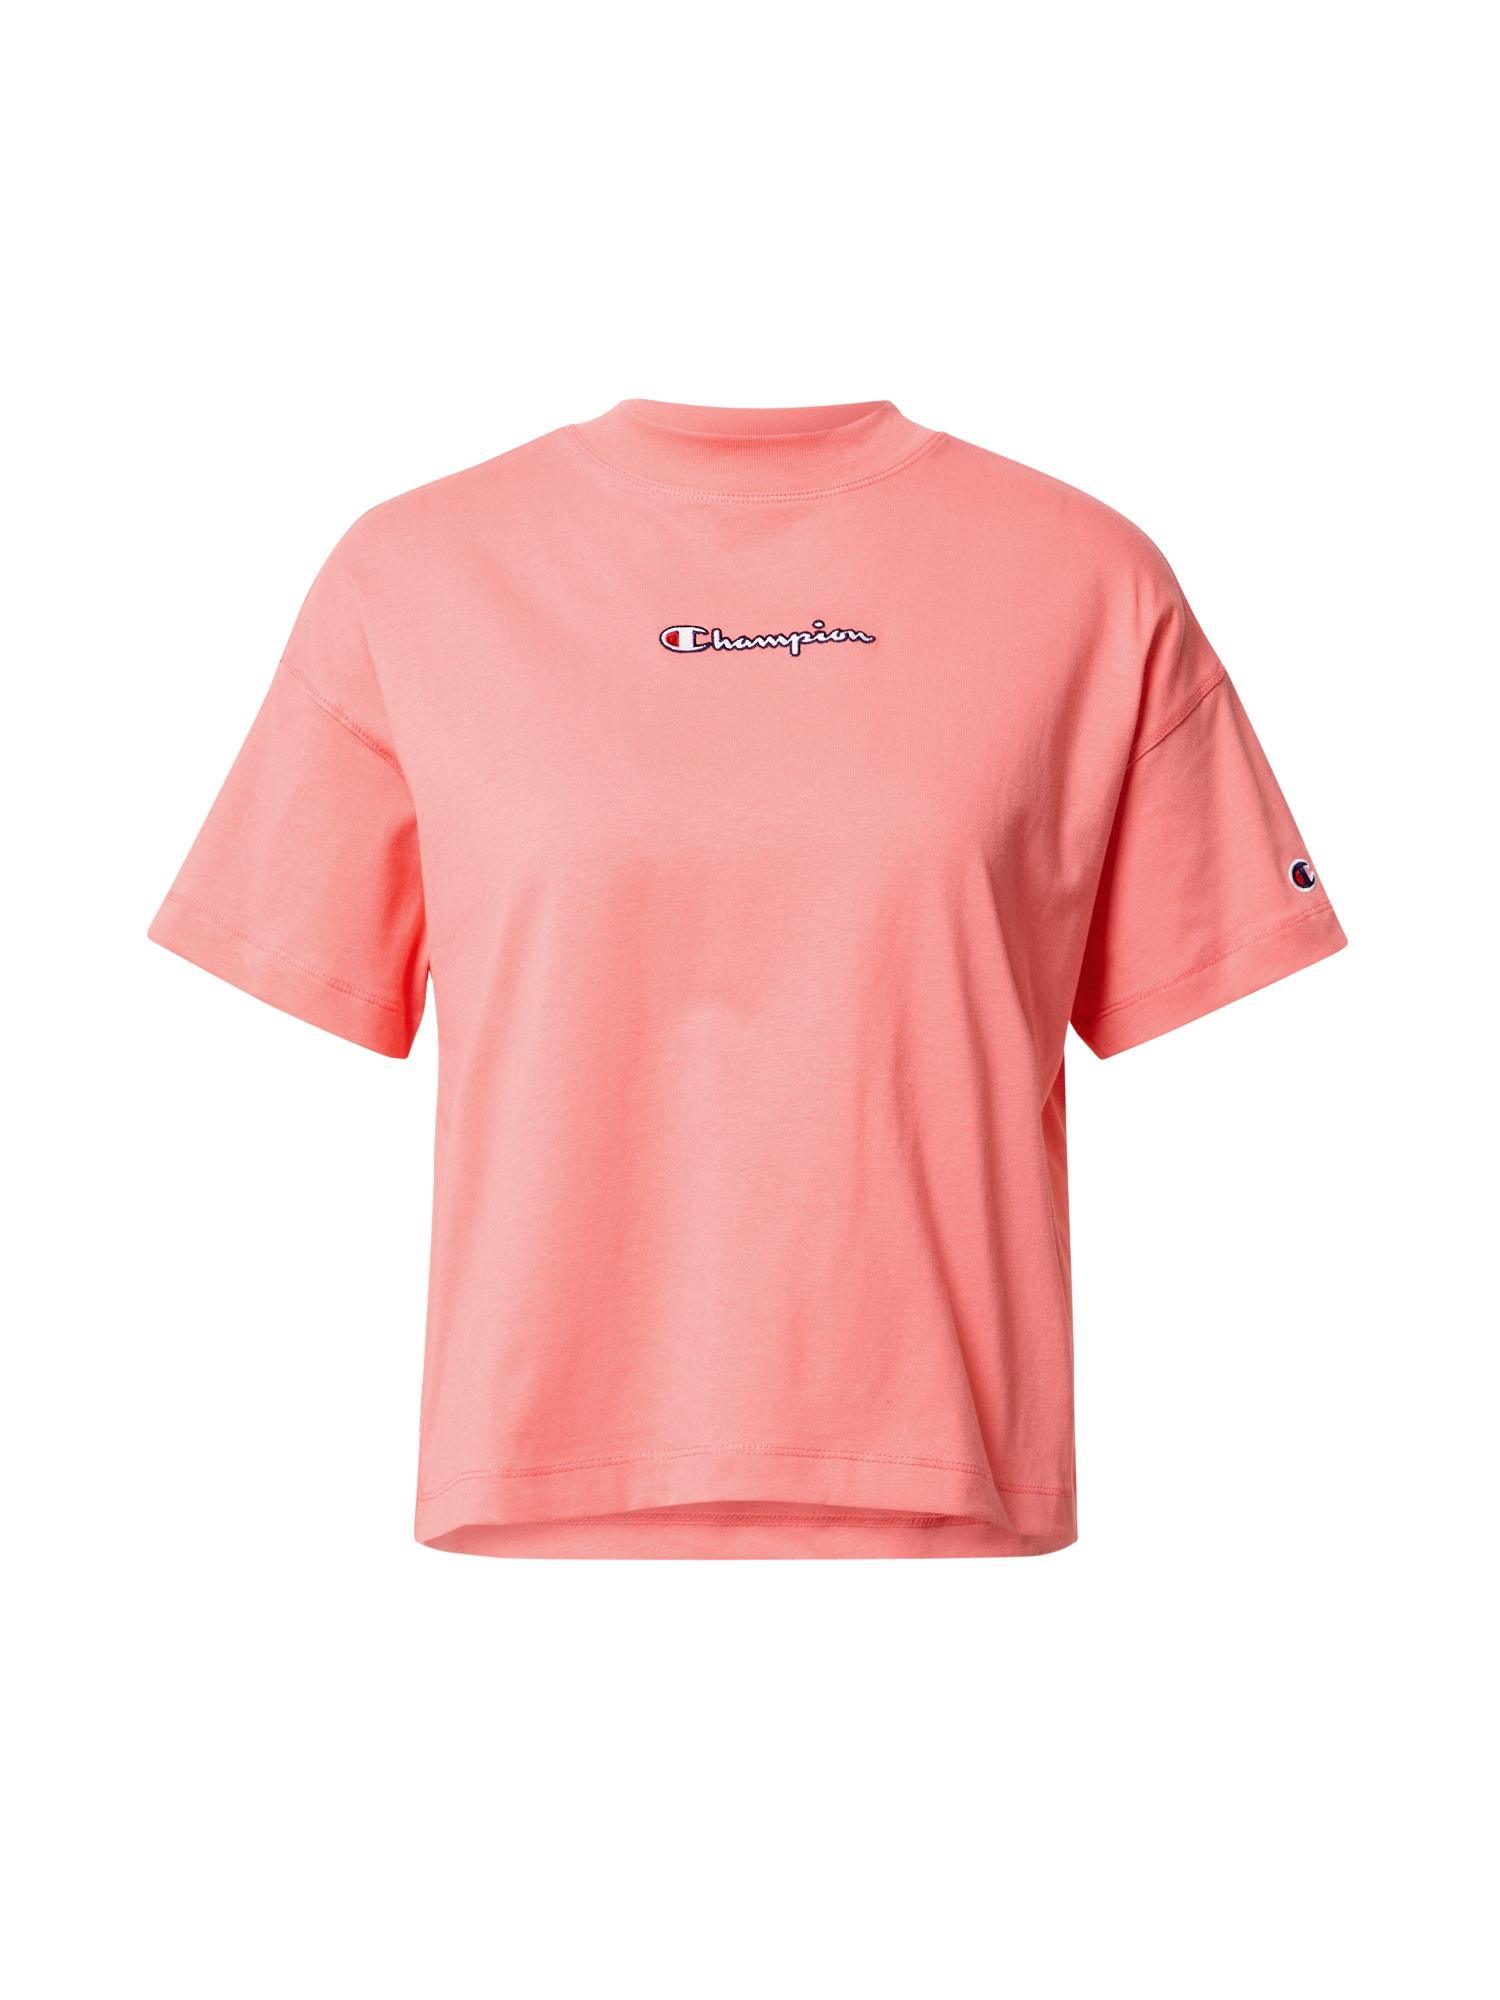 Champion Authentic Athletic Apparel Marškinėliai rožių spalva / balta / raudona